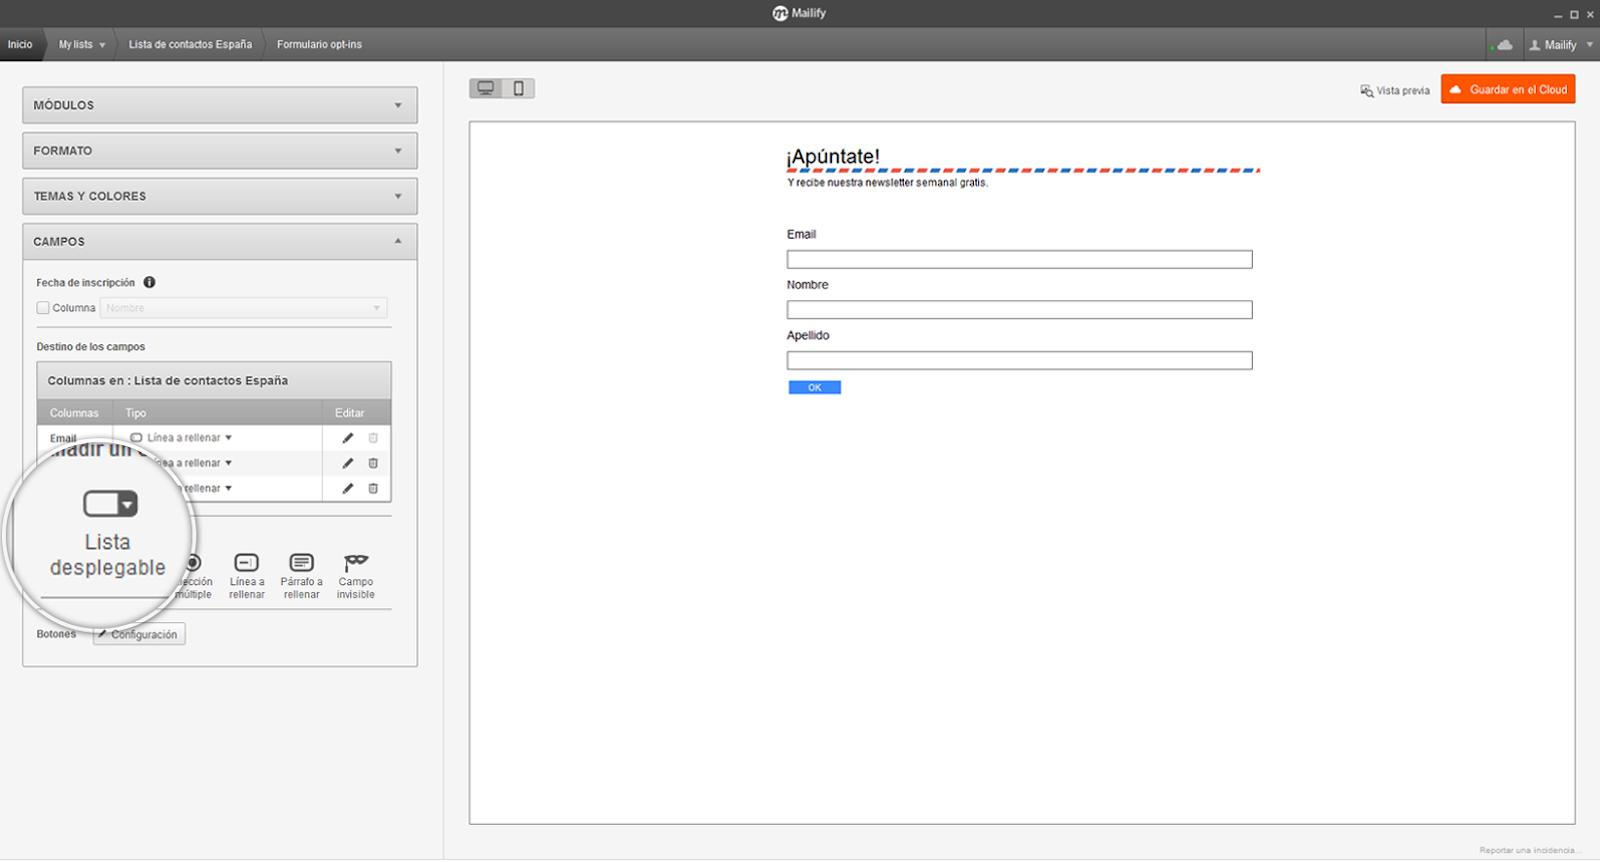 Cómo utilizar una buena herramienta de Email Marketing